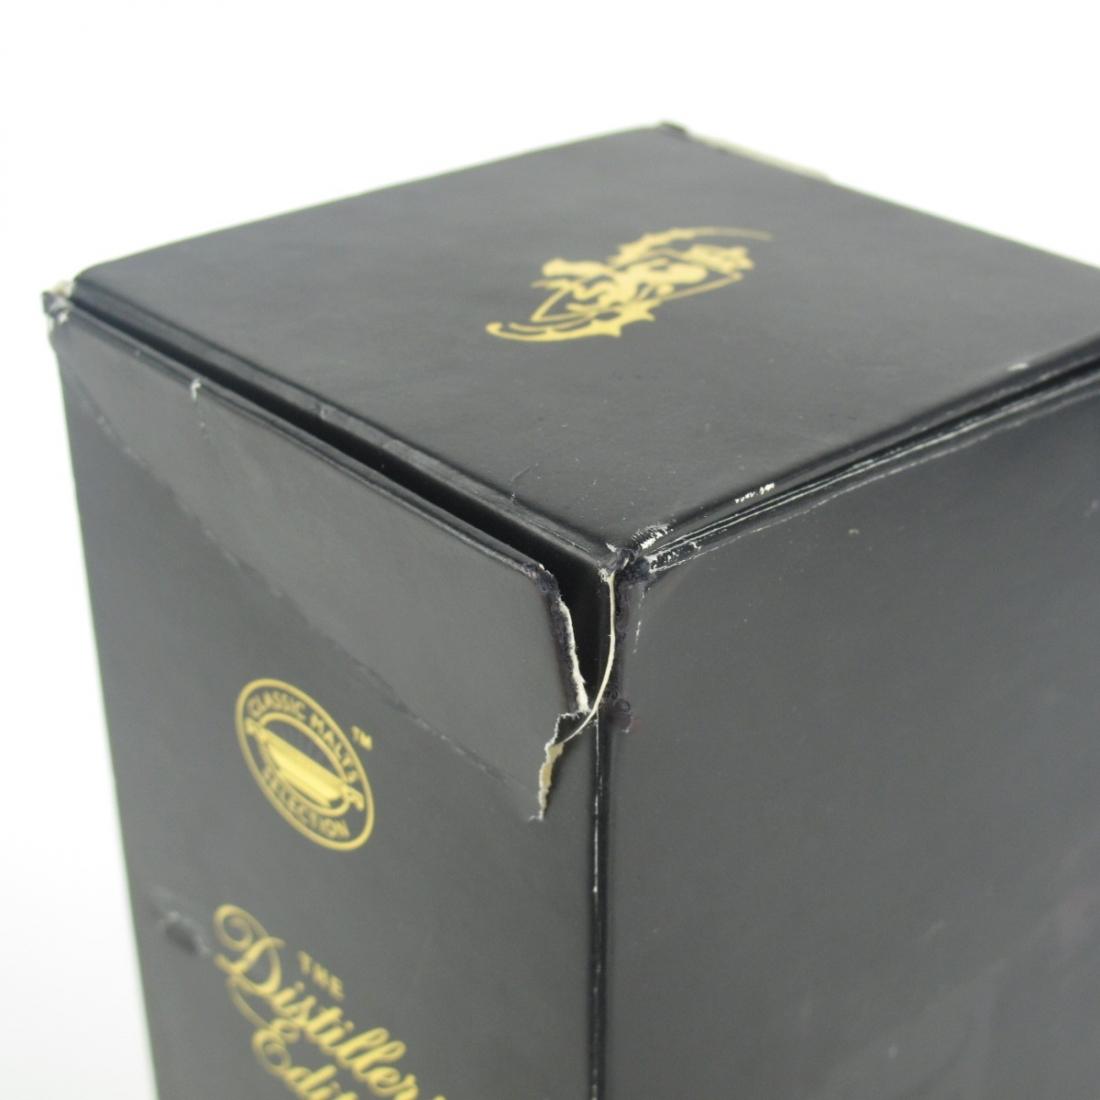 Lagavulin 1996 Distillers Edition